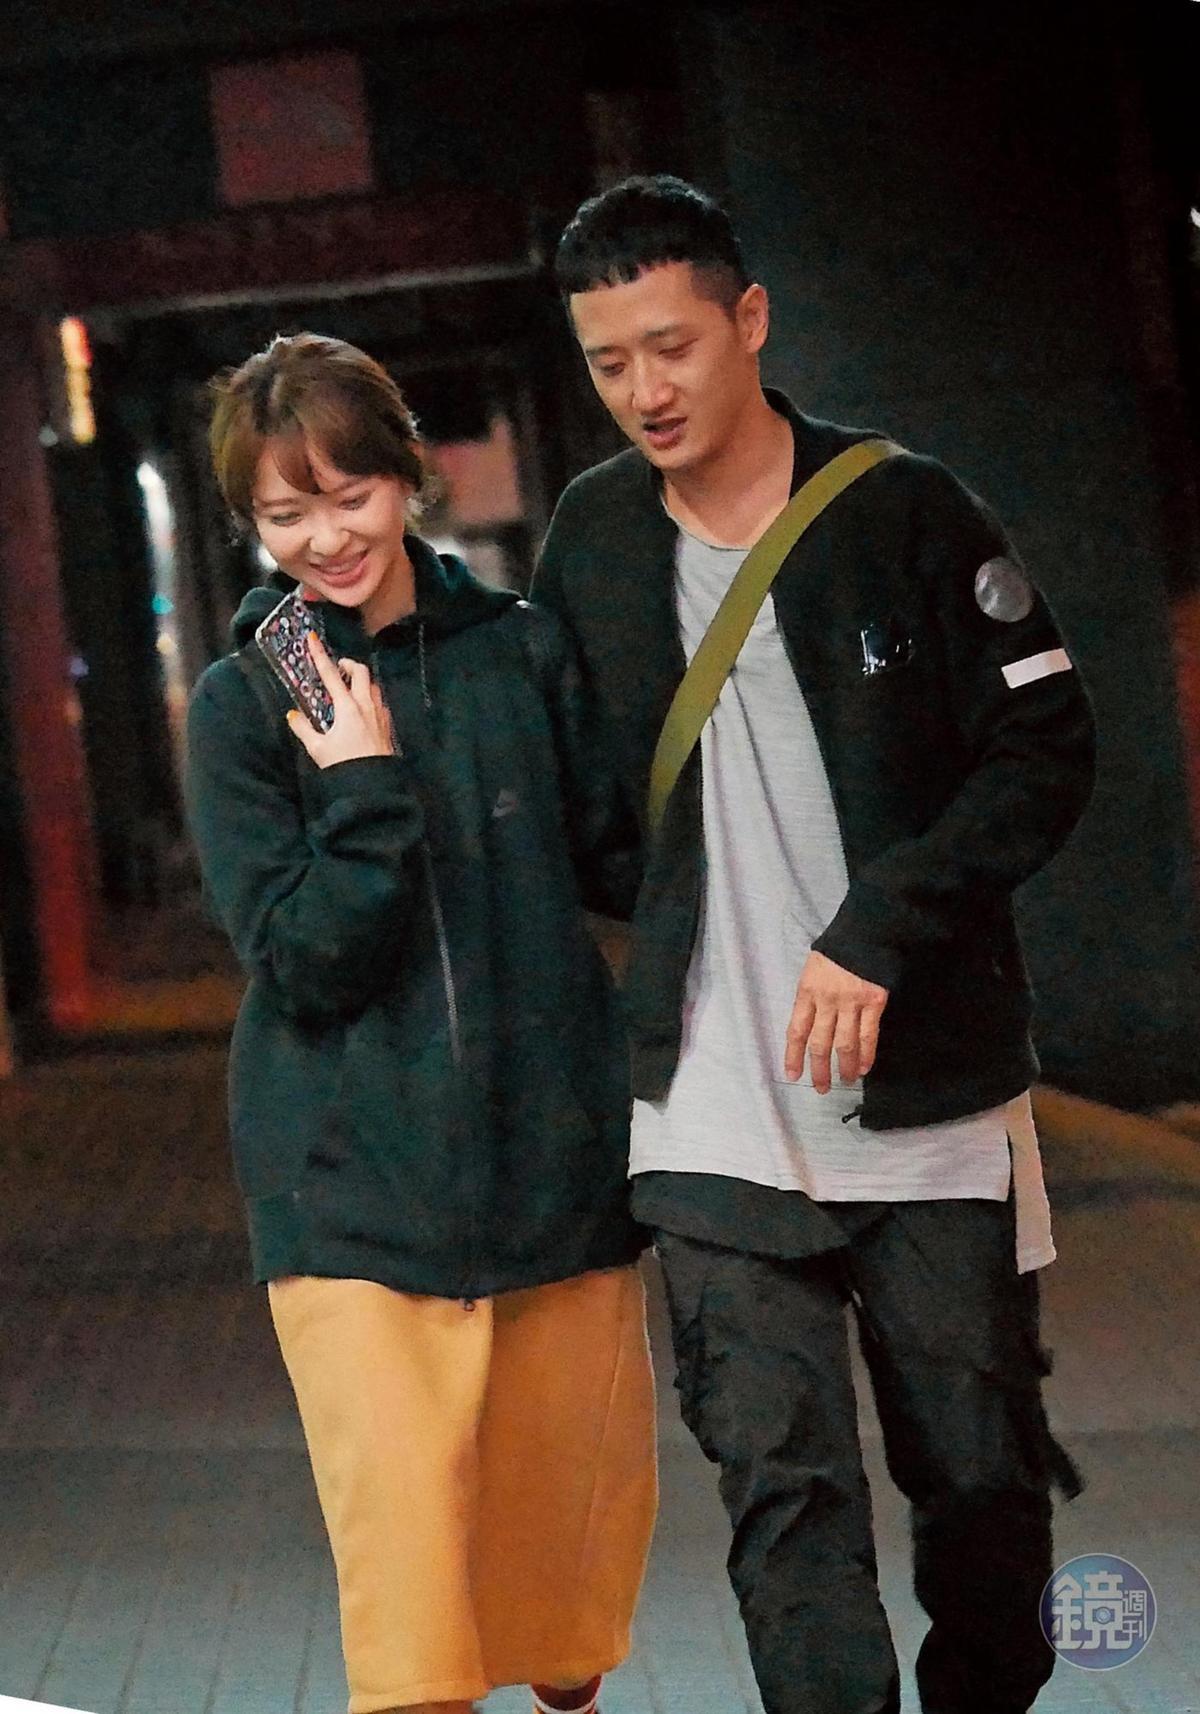 02:05 高英軒跟俞西潔有說有笑,雙方緊貼著,感覺之間十分有電流。